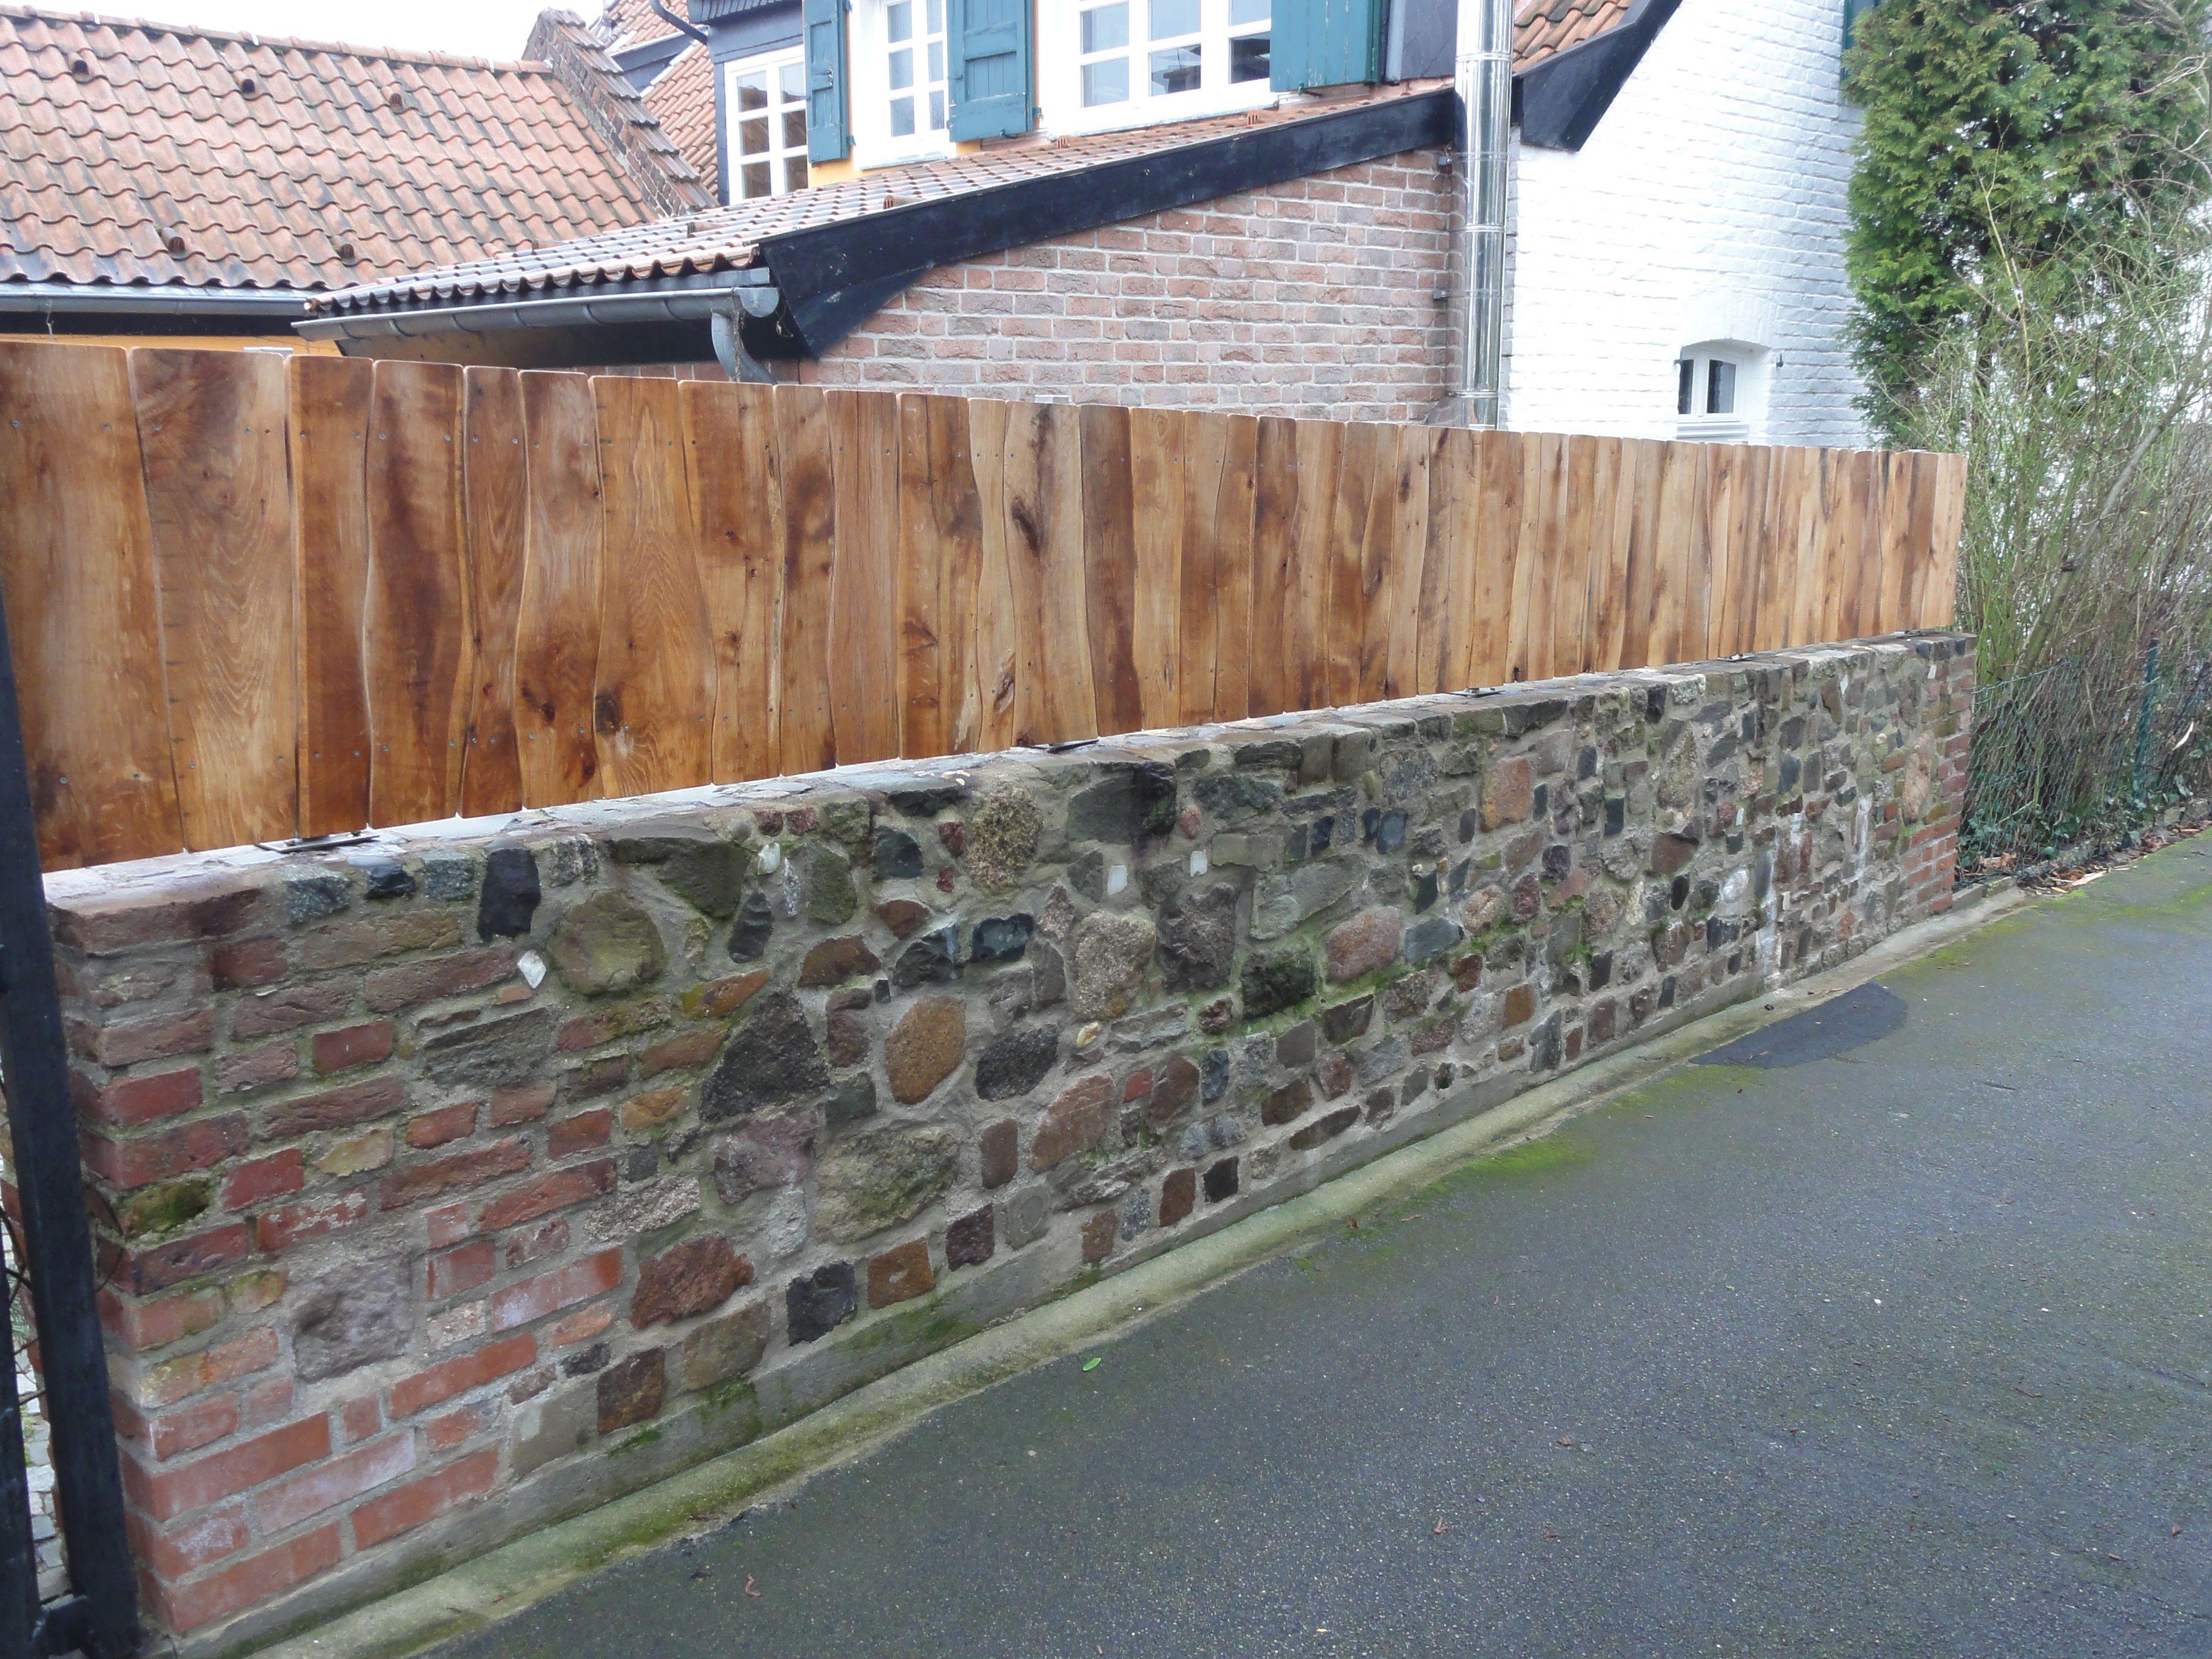 Natursteinmauer;Sichtschutz;Zaun